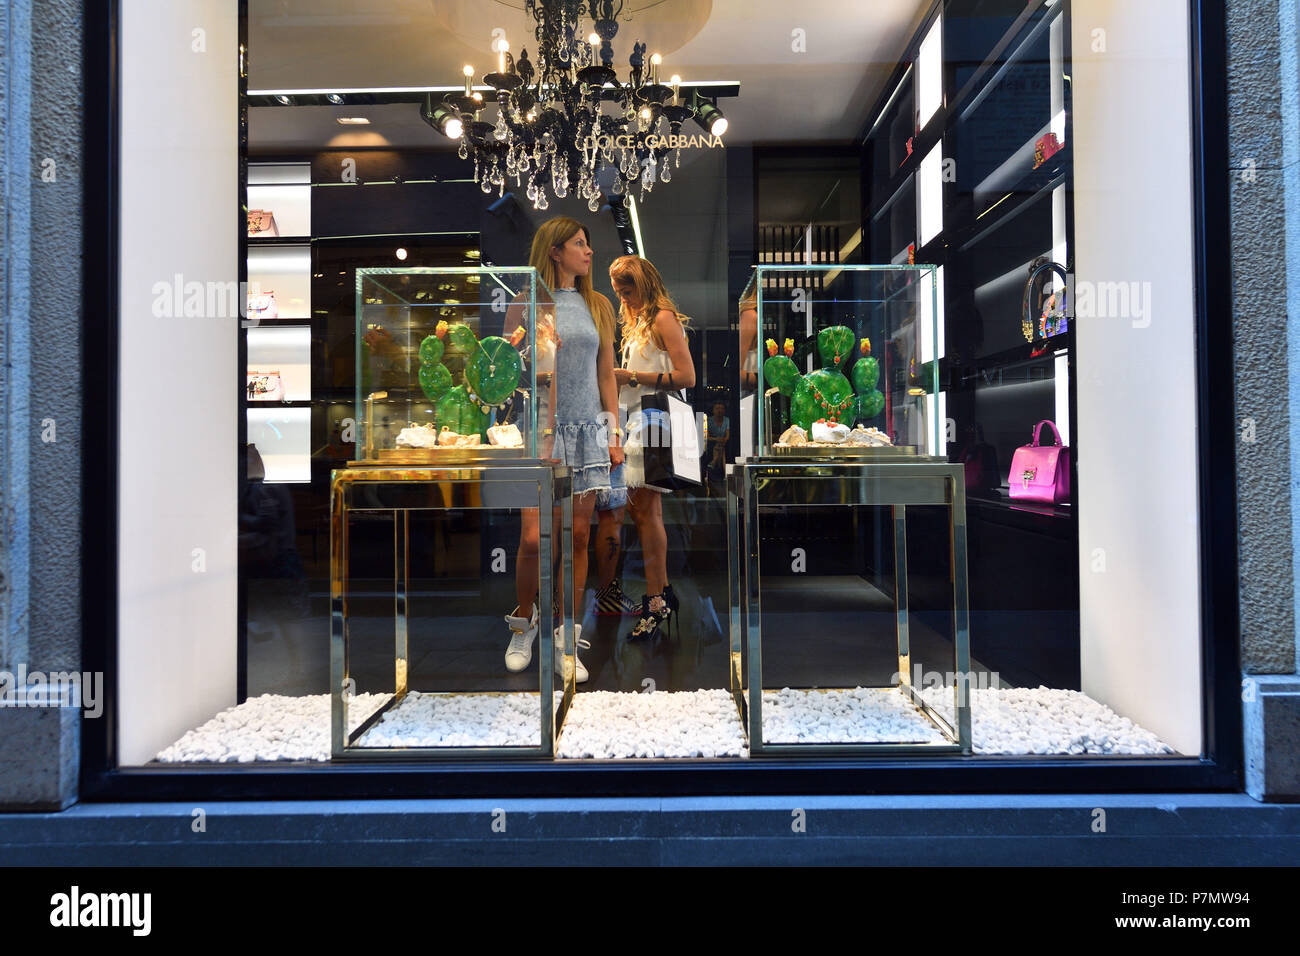 Italy, Lombardy, Milan, Fashion Quadrilateral, Via della Spiga, Dolce and Gabbana Store - Stock Image